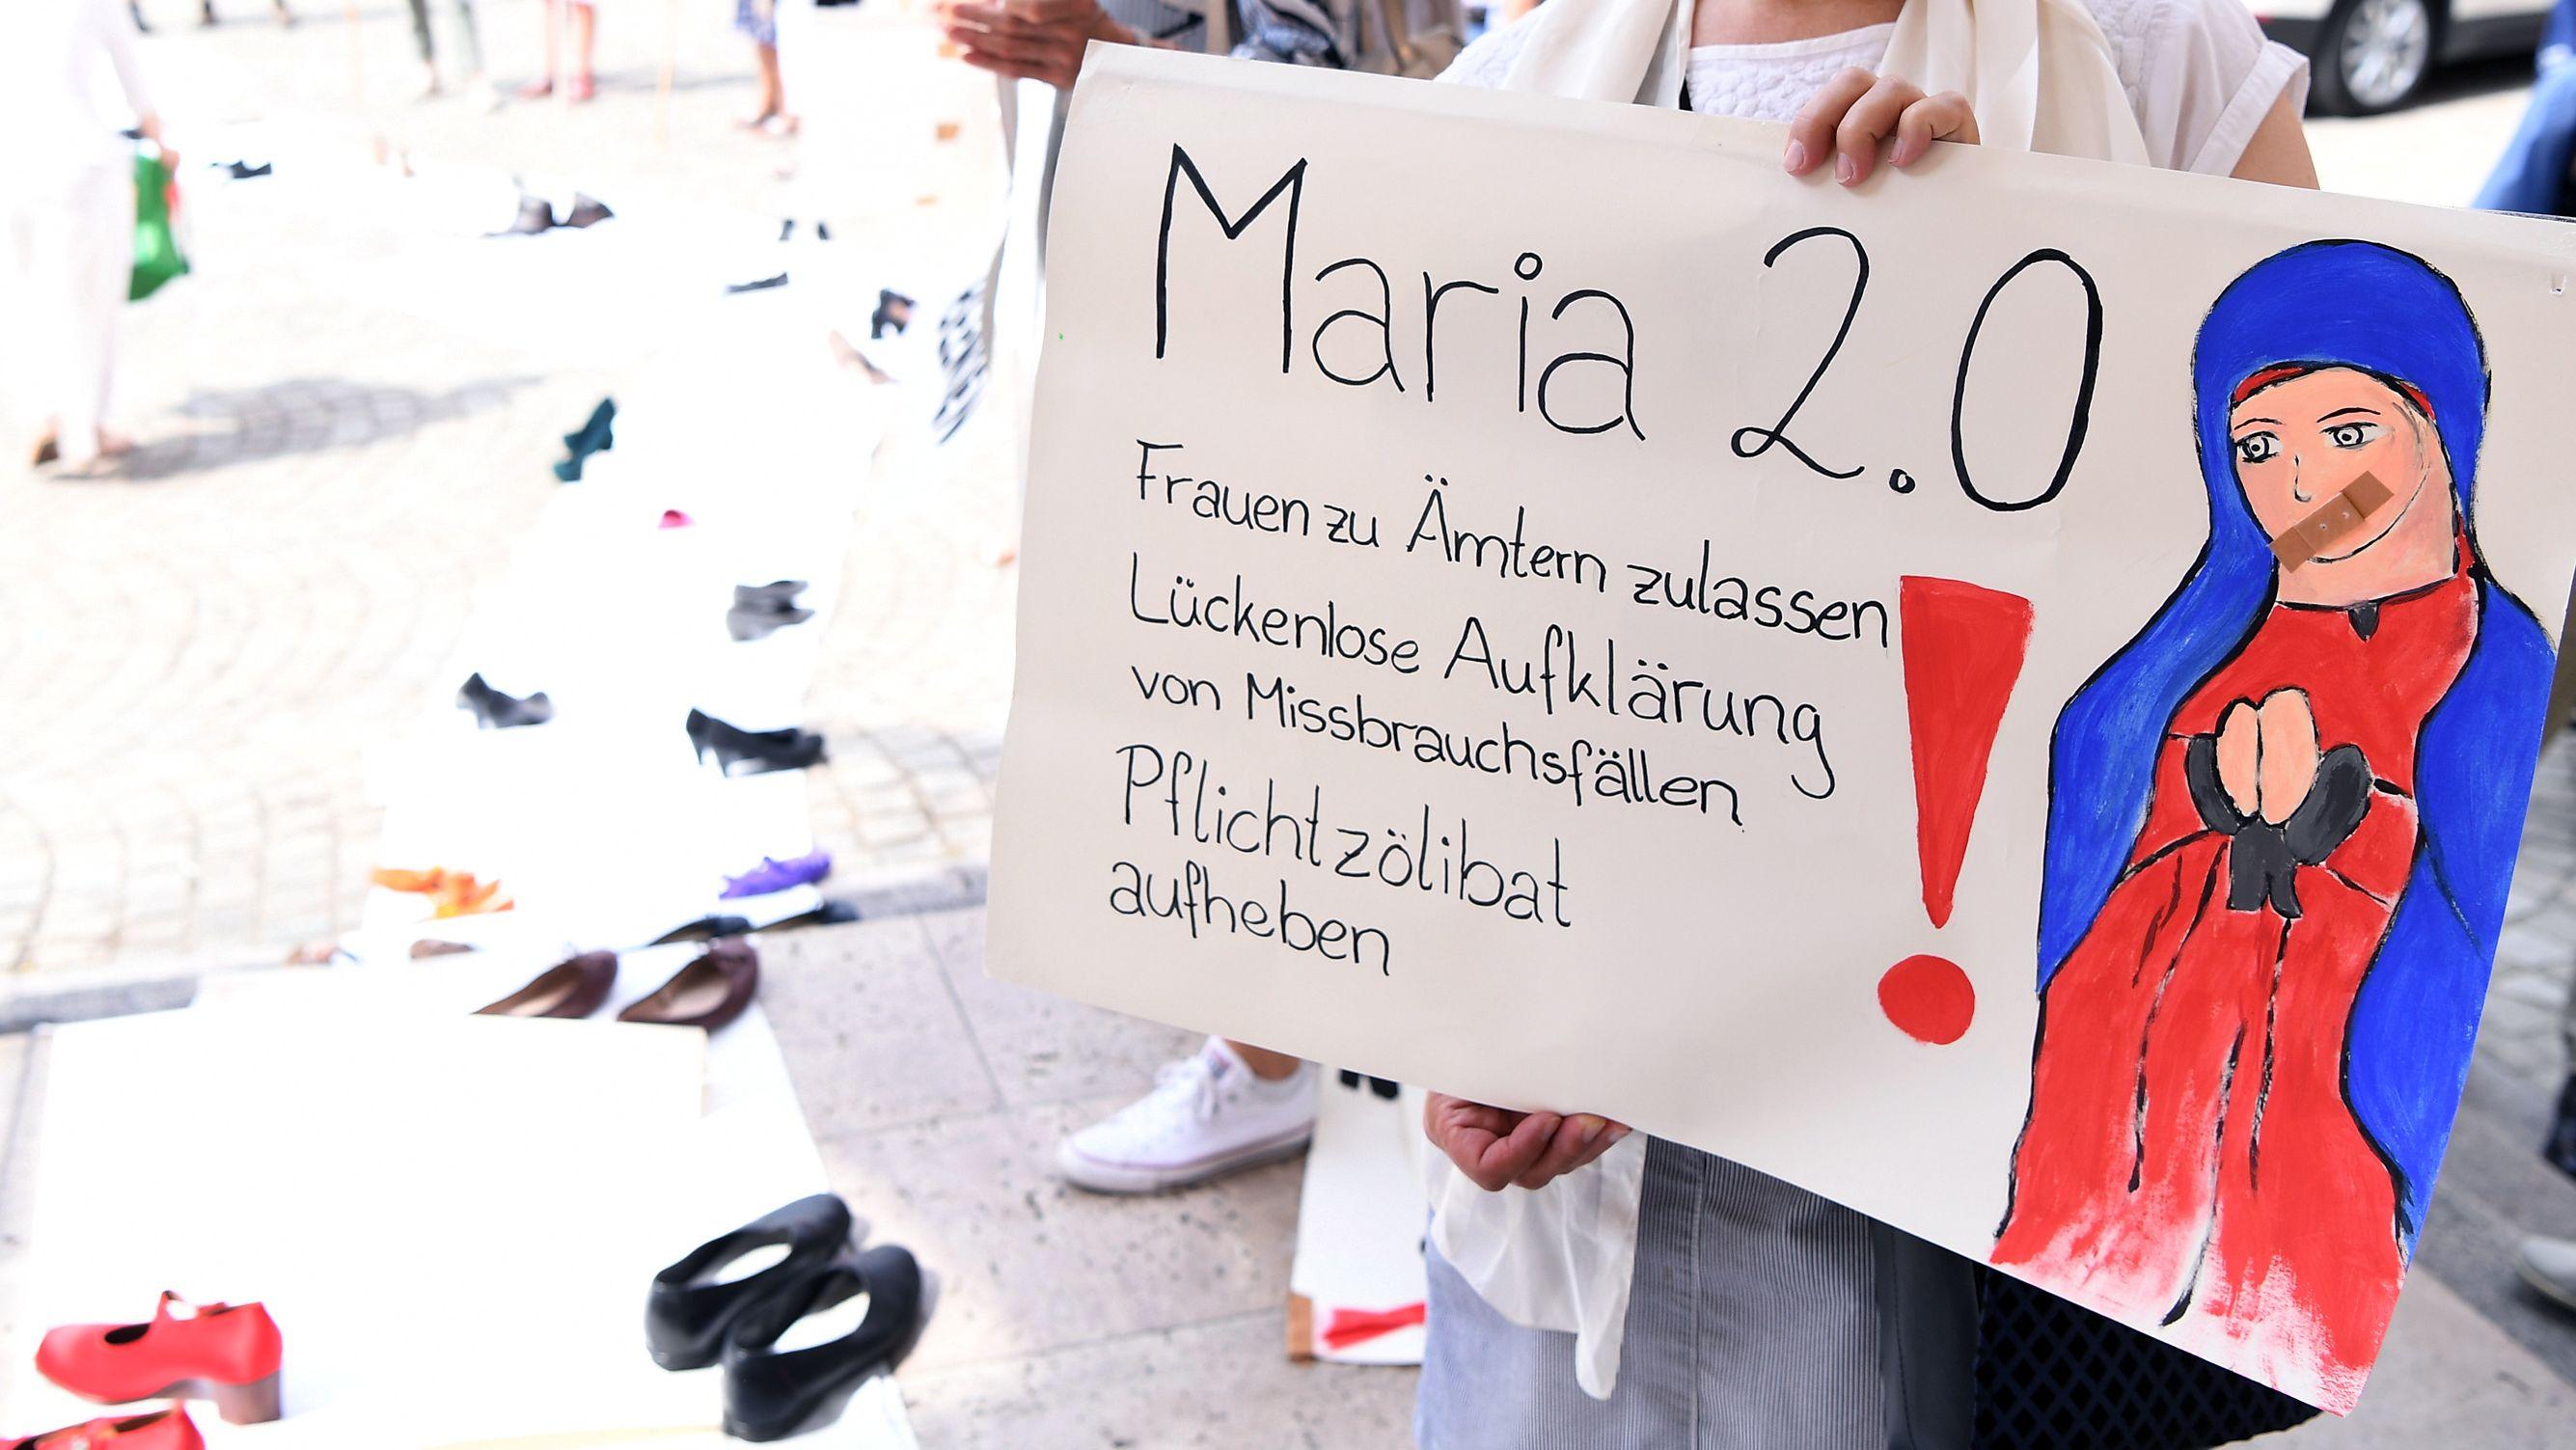 Eine Frau hält ein Protest-Plakat der Aktion Maria 2.0 des Katholischen Deutschen Frauenbund in ihrer Hand (KDFB)